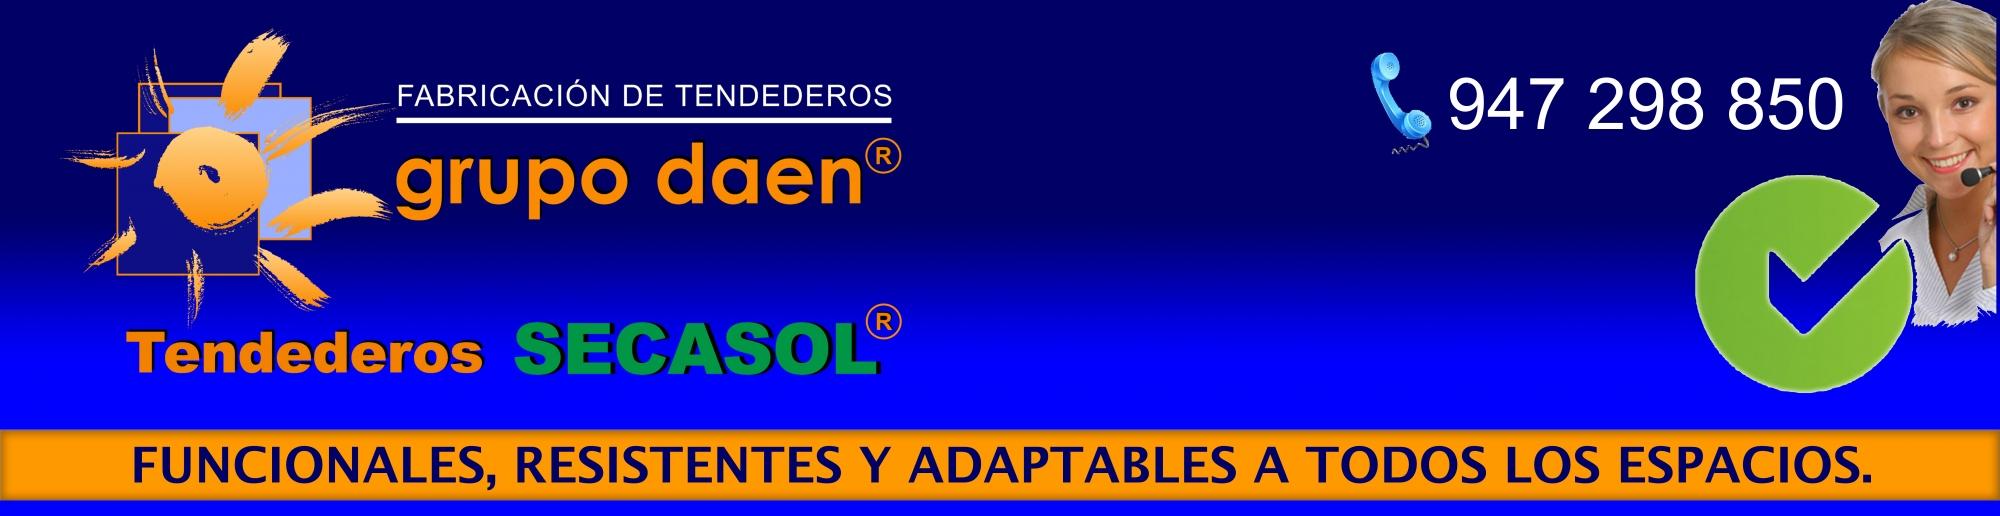 Tendederos funcionales, resistentes y adaptables a todos los espacios